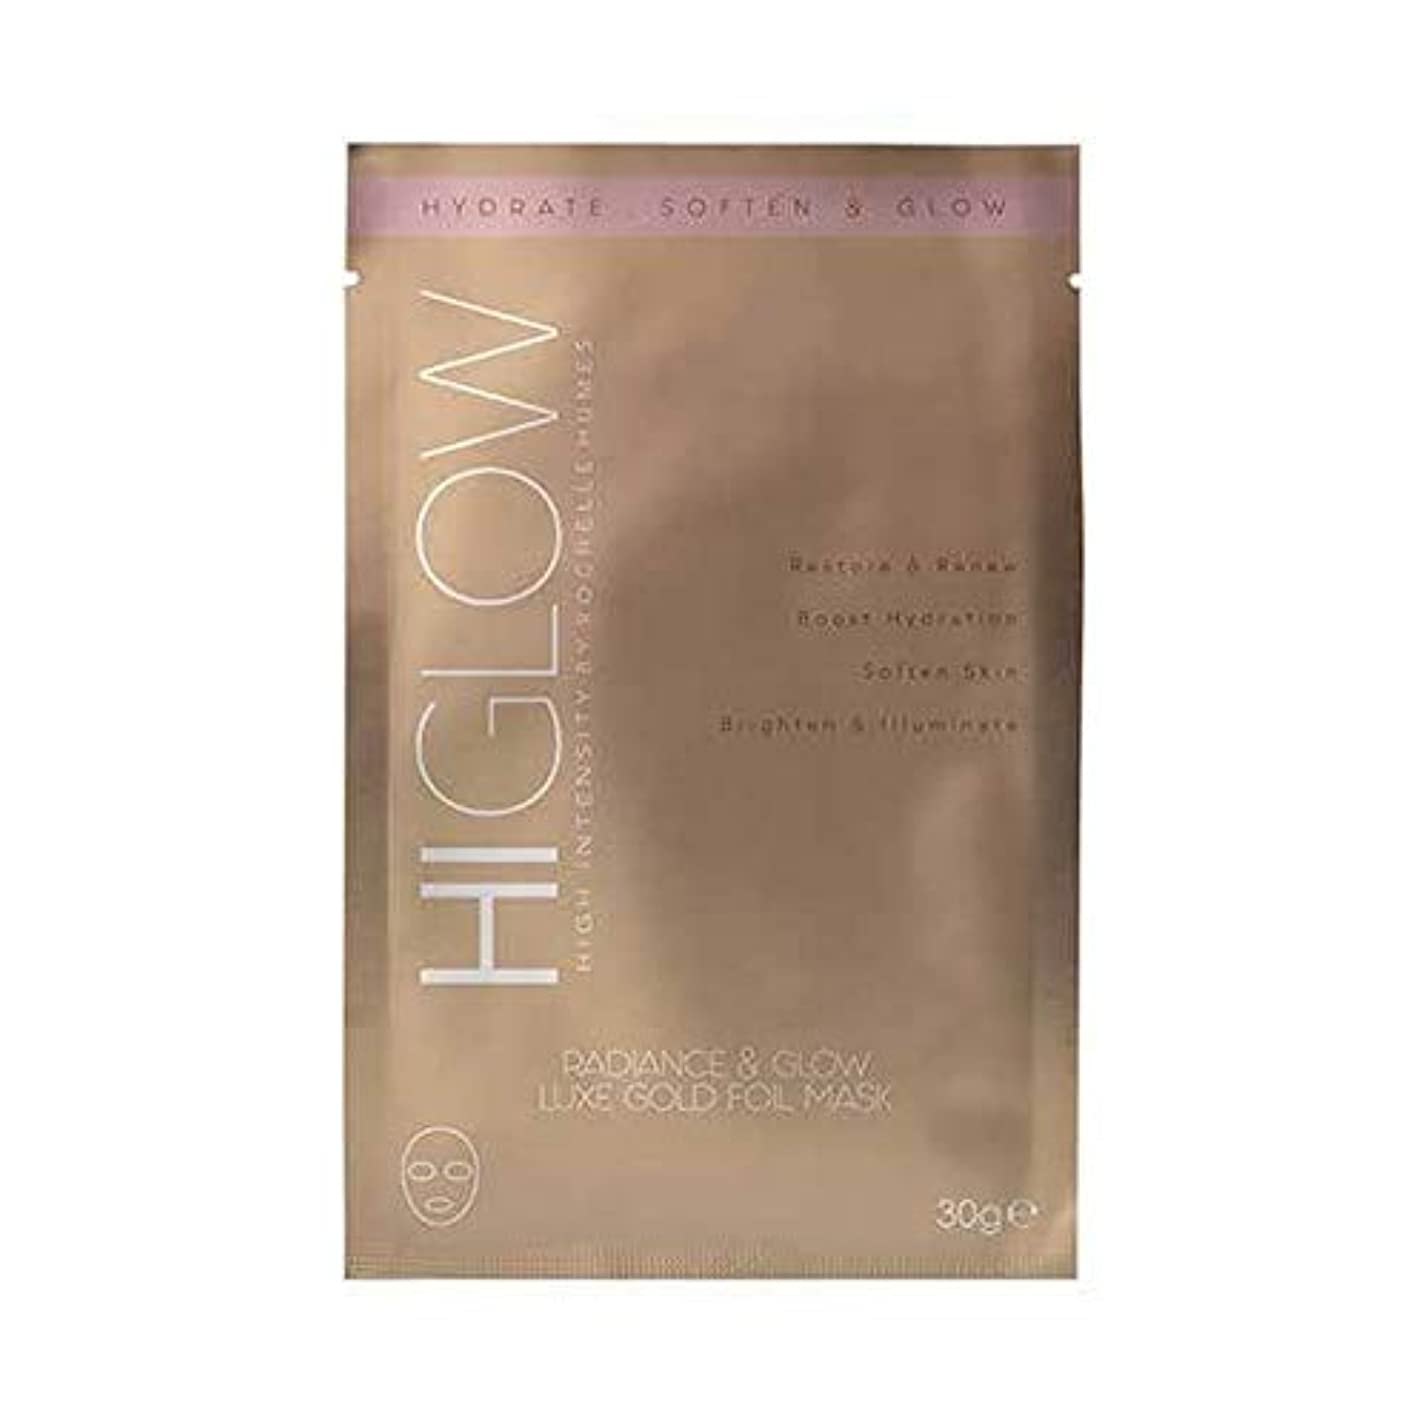 シビック流星相対性理論[HIGlow] 高強度の輝きをHiglow&デラックス金箔Mask30Gグロー - HIGlow High Intensity Radiance & Glow Luxe Gold Foil Mask30g [並行輸入品]